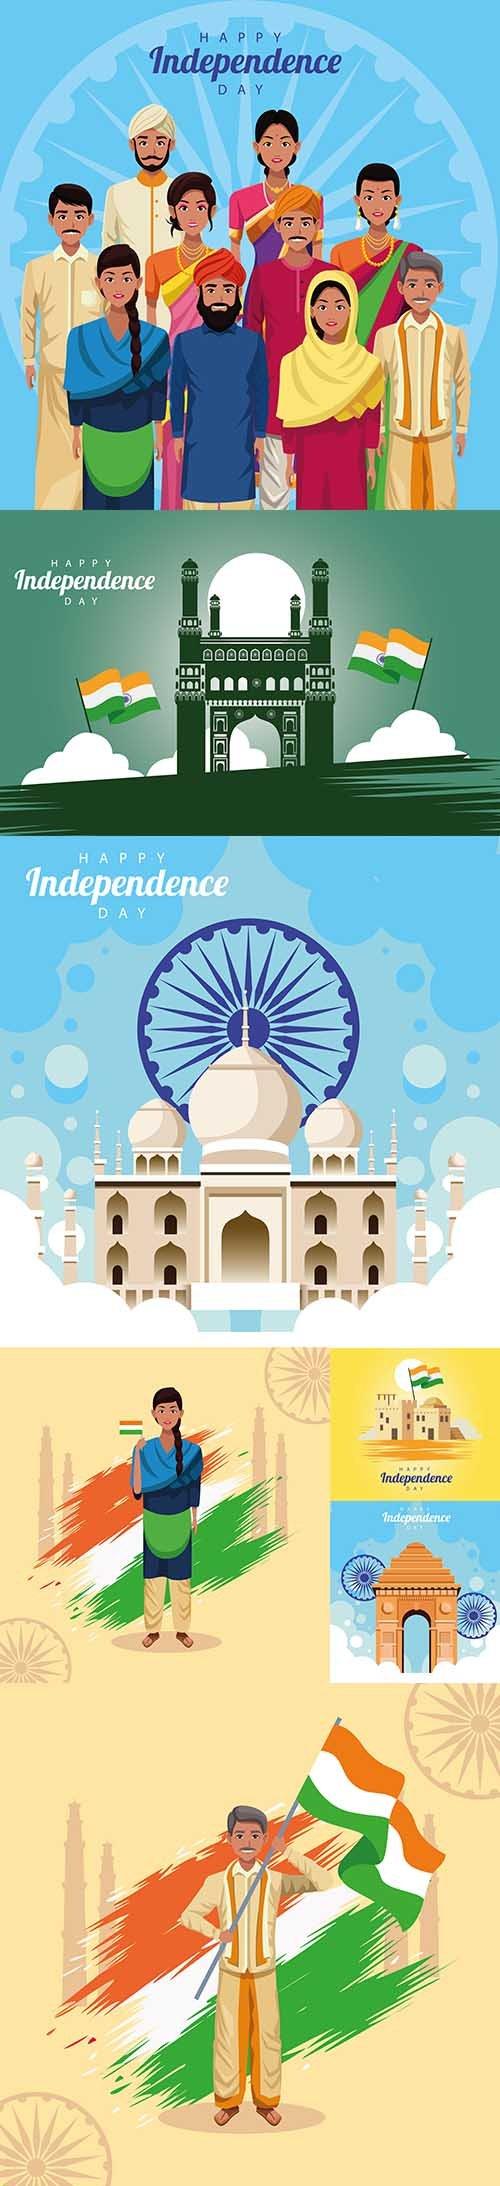 India Happy Independence Day Celebration